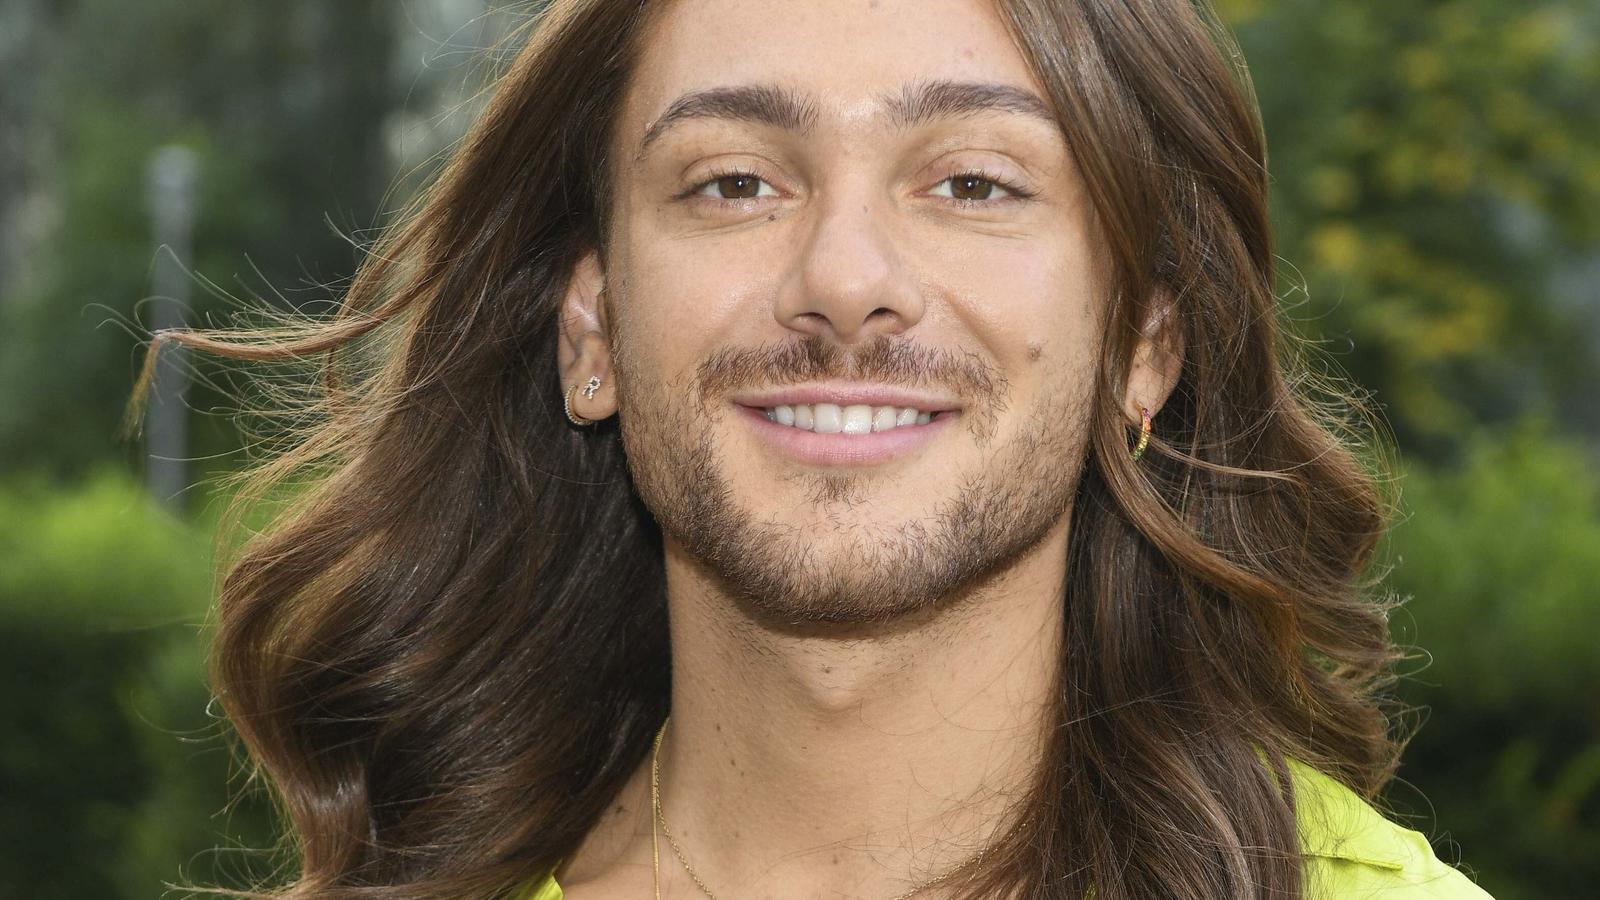 So sieht Riccardo Simonetti aktuell nicht aus, denn der Influencer hat sich die Haare hellblond gefärbt.